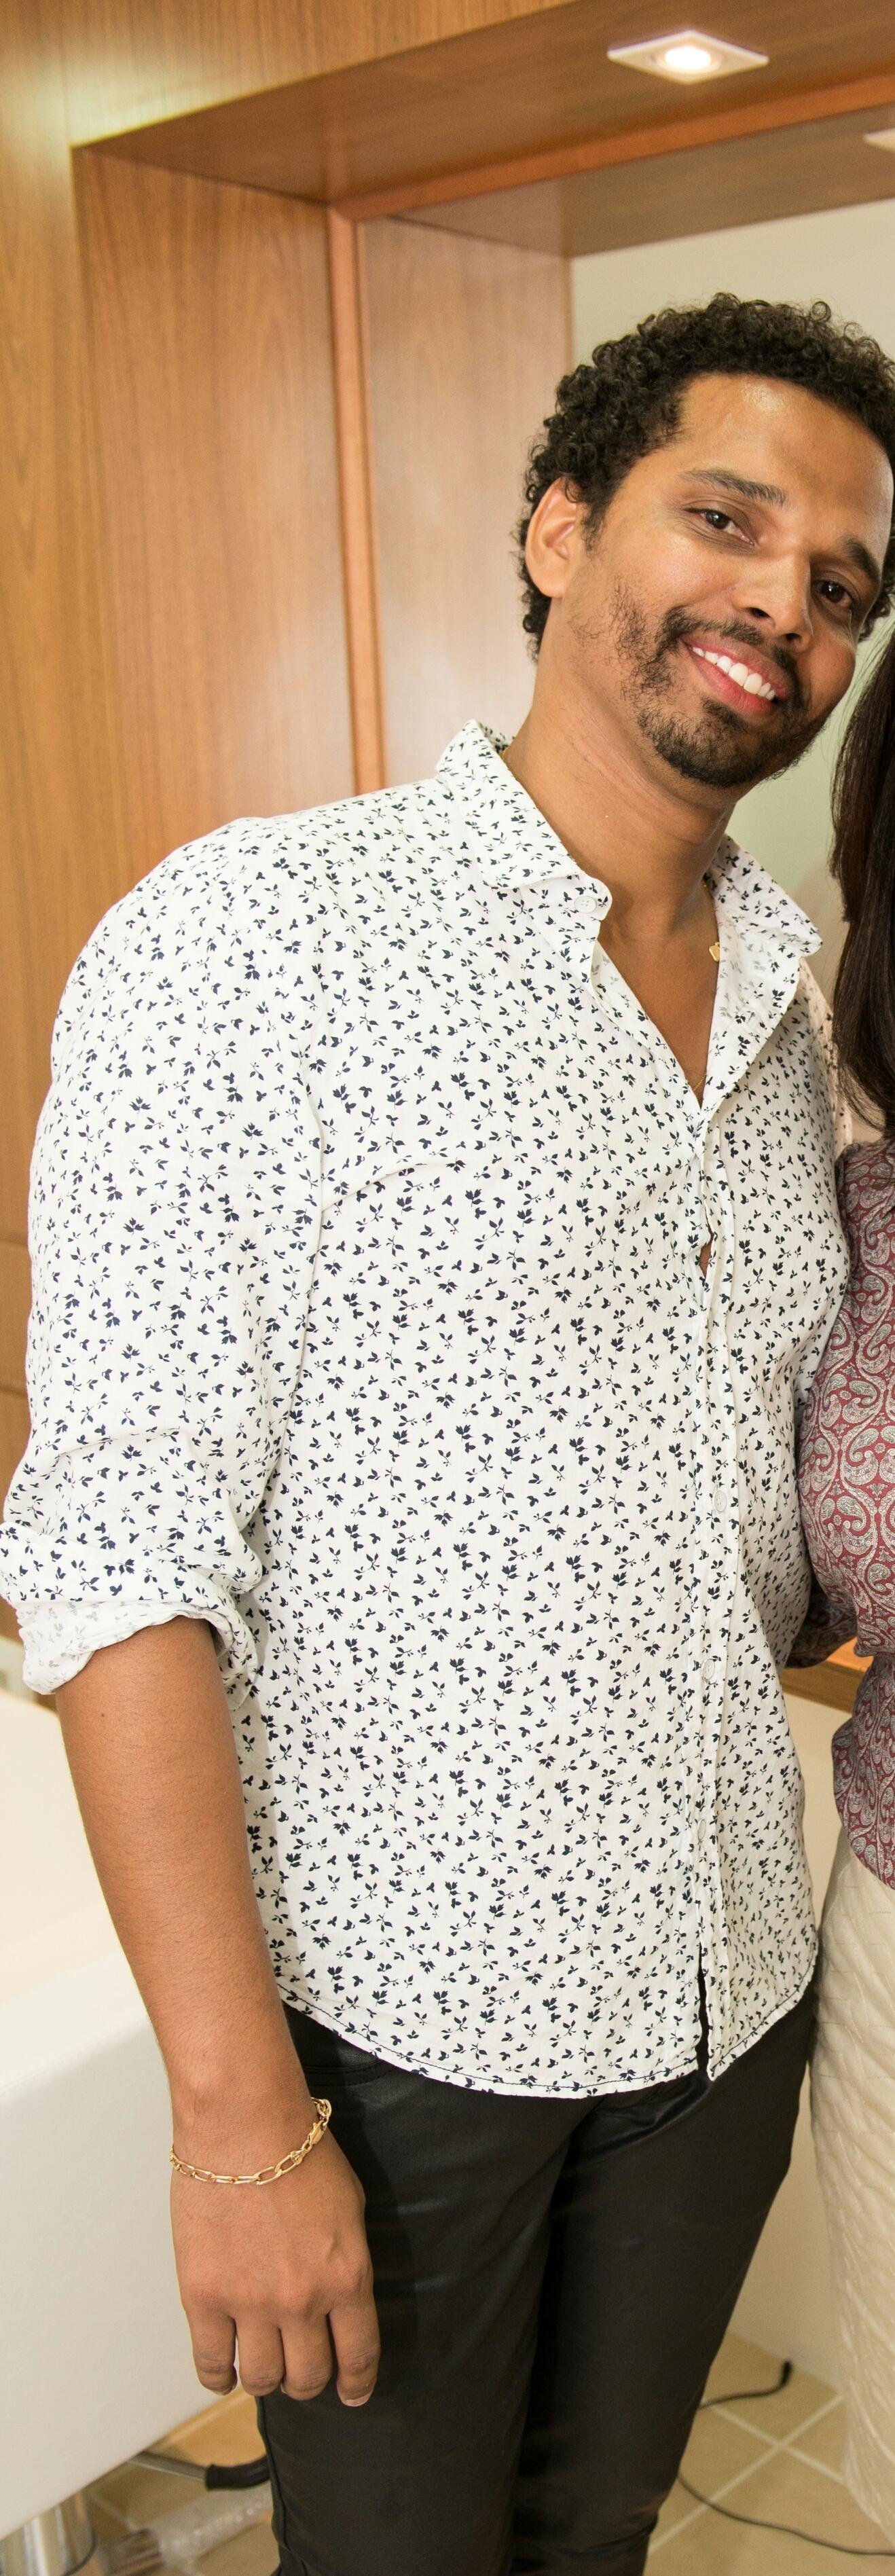 Sandro Alves Hair  Stylist Sou um profissional  muito feliz naquilo que faço, tive oportunidade de começar  cedo no ramo da beleza e isso me trouxe uma grande experiência em todas as áreas  da minha vida,tive a chance de conhecer pessoas bacanas que cruzaram meu caminho me ensinando coisas que trago comigo até hoje.       AMO SER CABELEIREIRO. cabeleireiro(a)